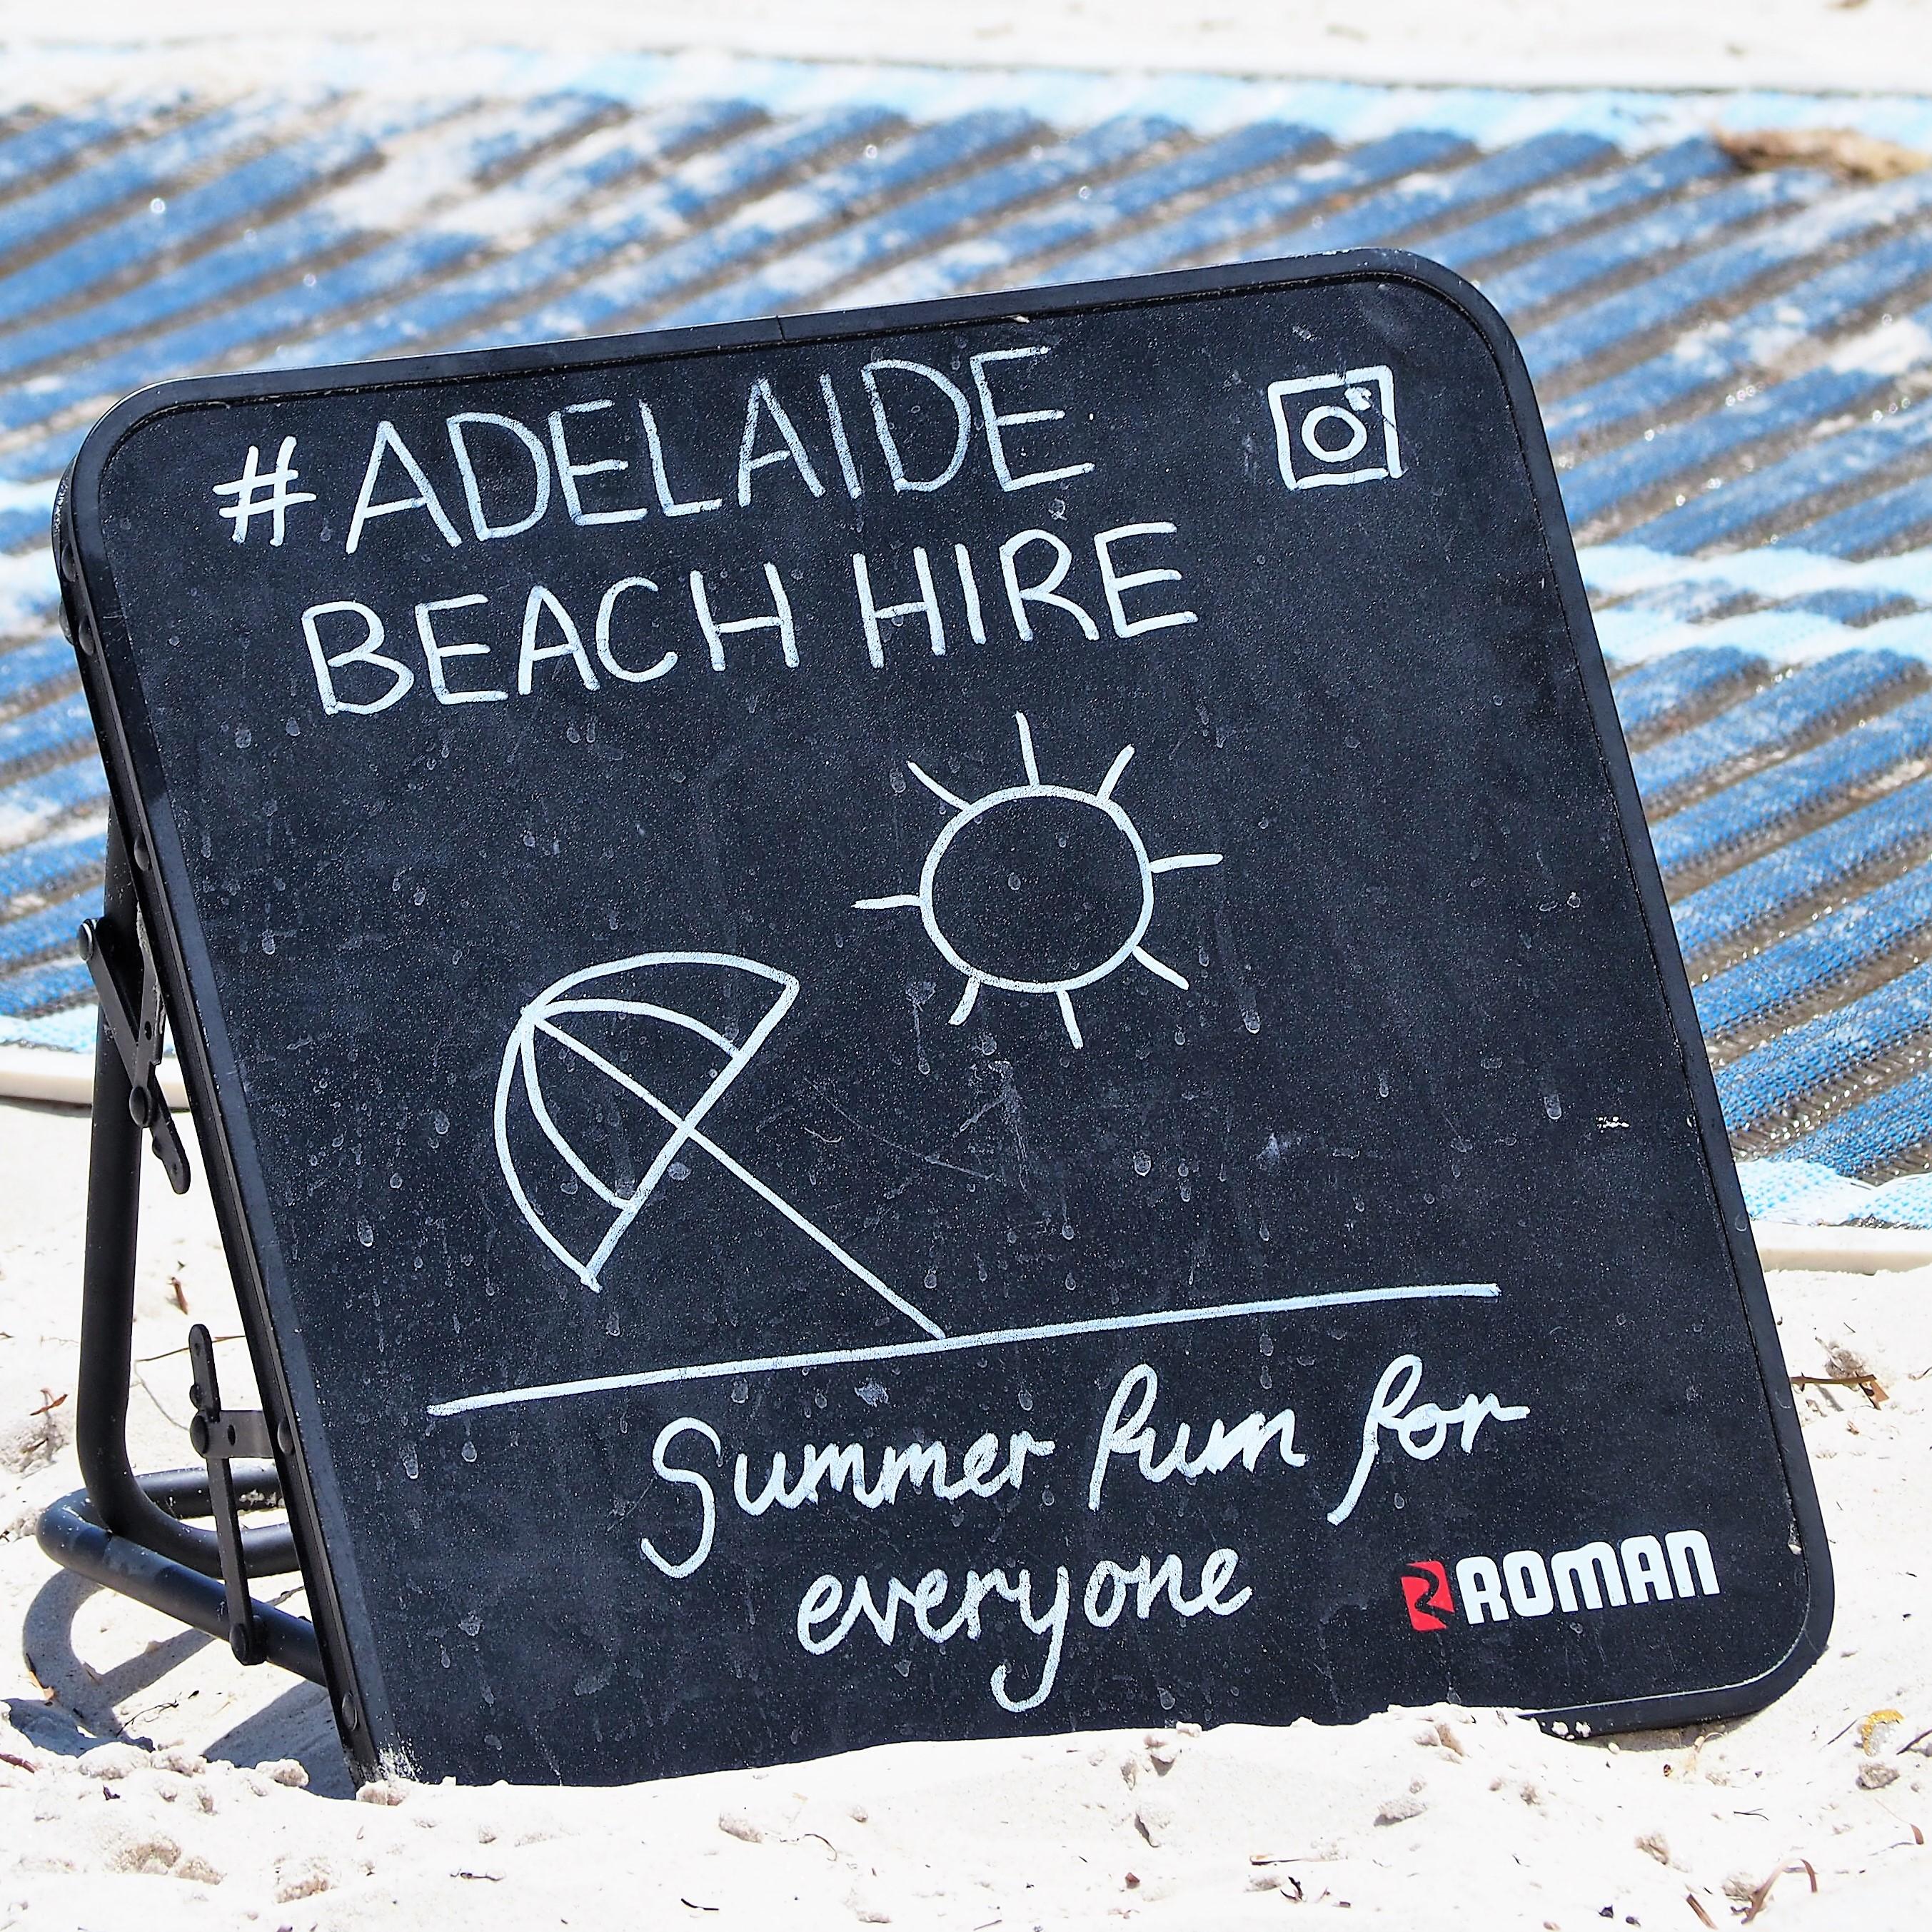 Adelaide Beach Hire